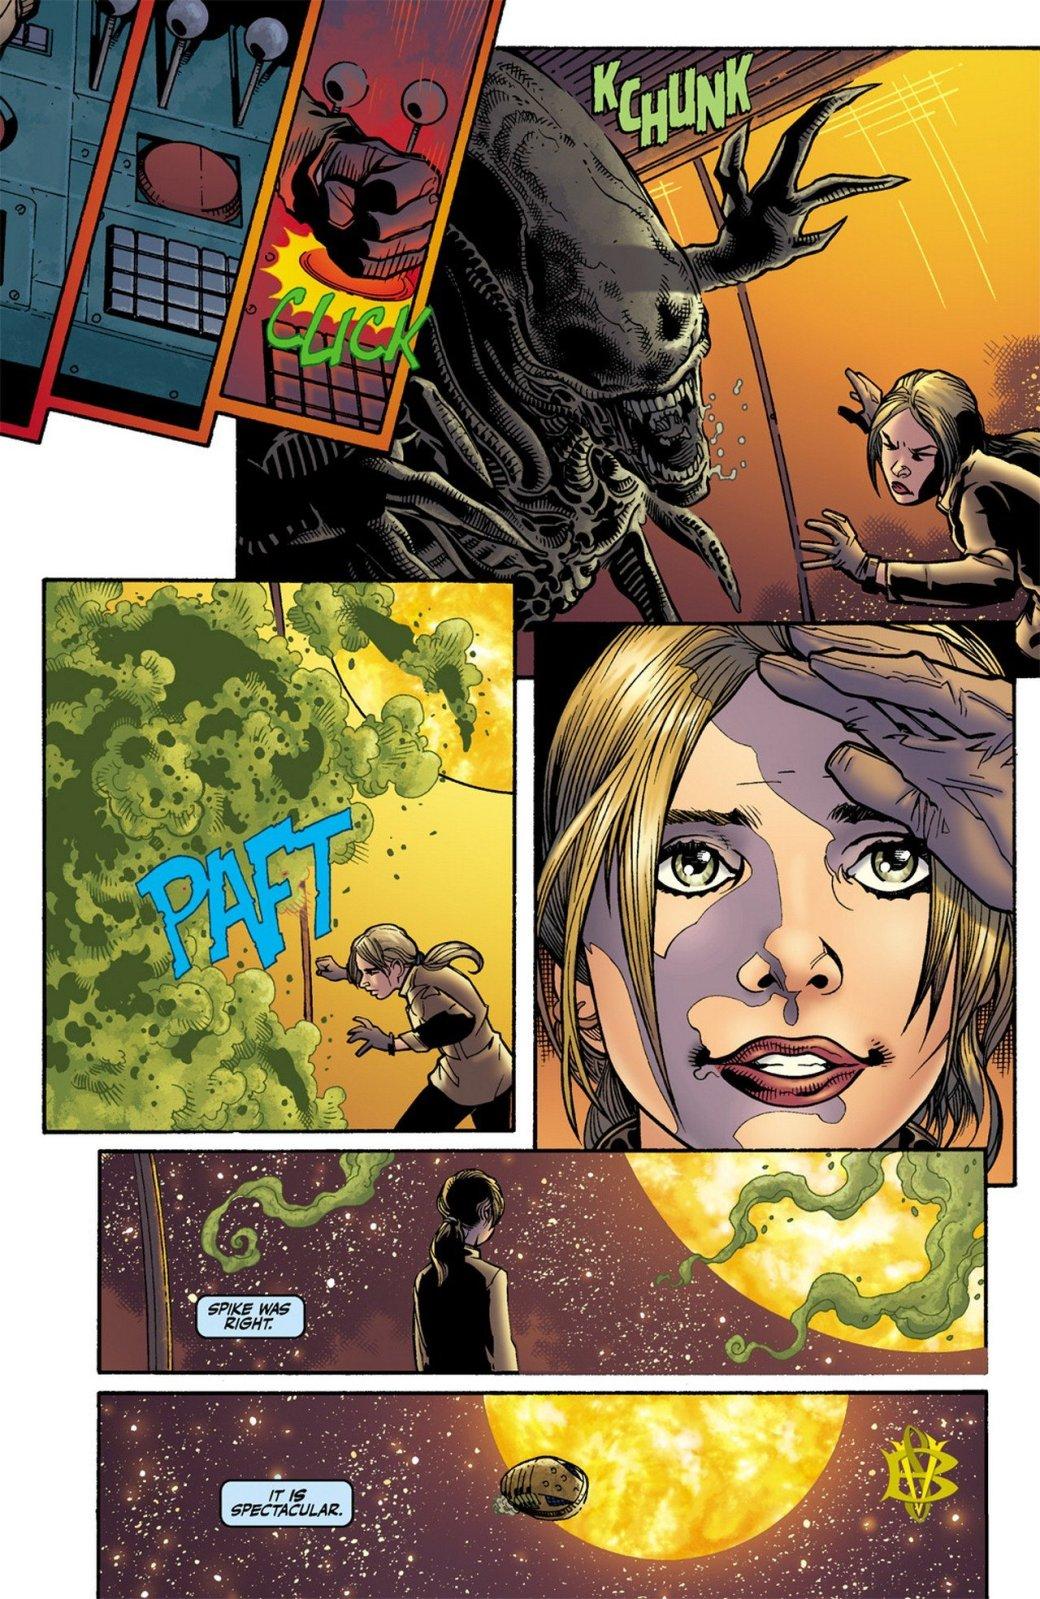 Бэтмен против Чужого?! Безумные комикс-кроссоверы сксеноморфами | Канобу - Изображение 33